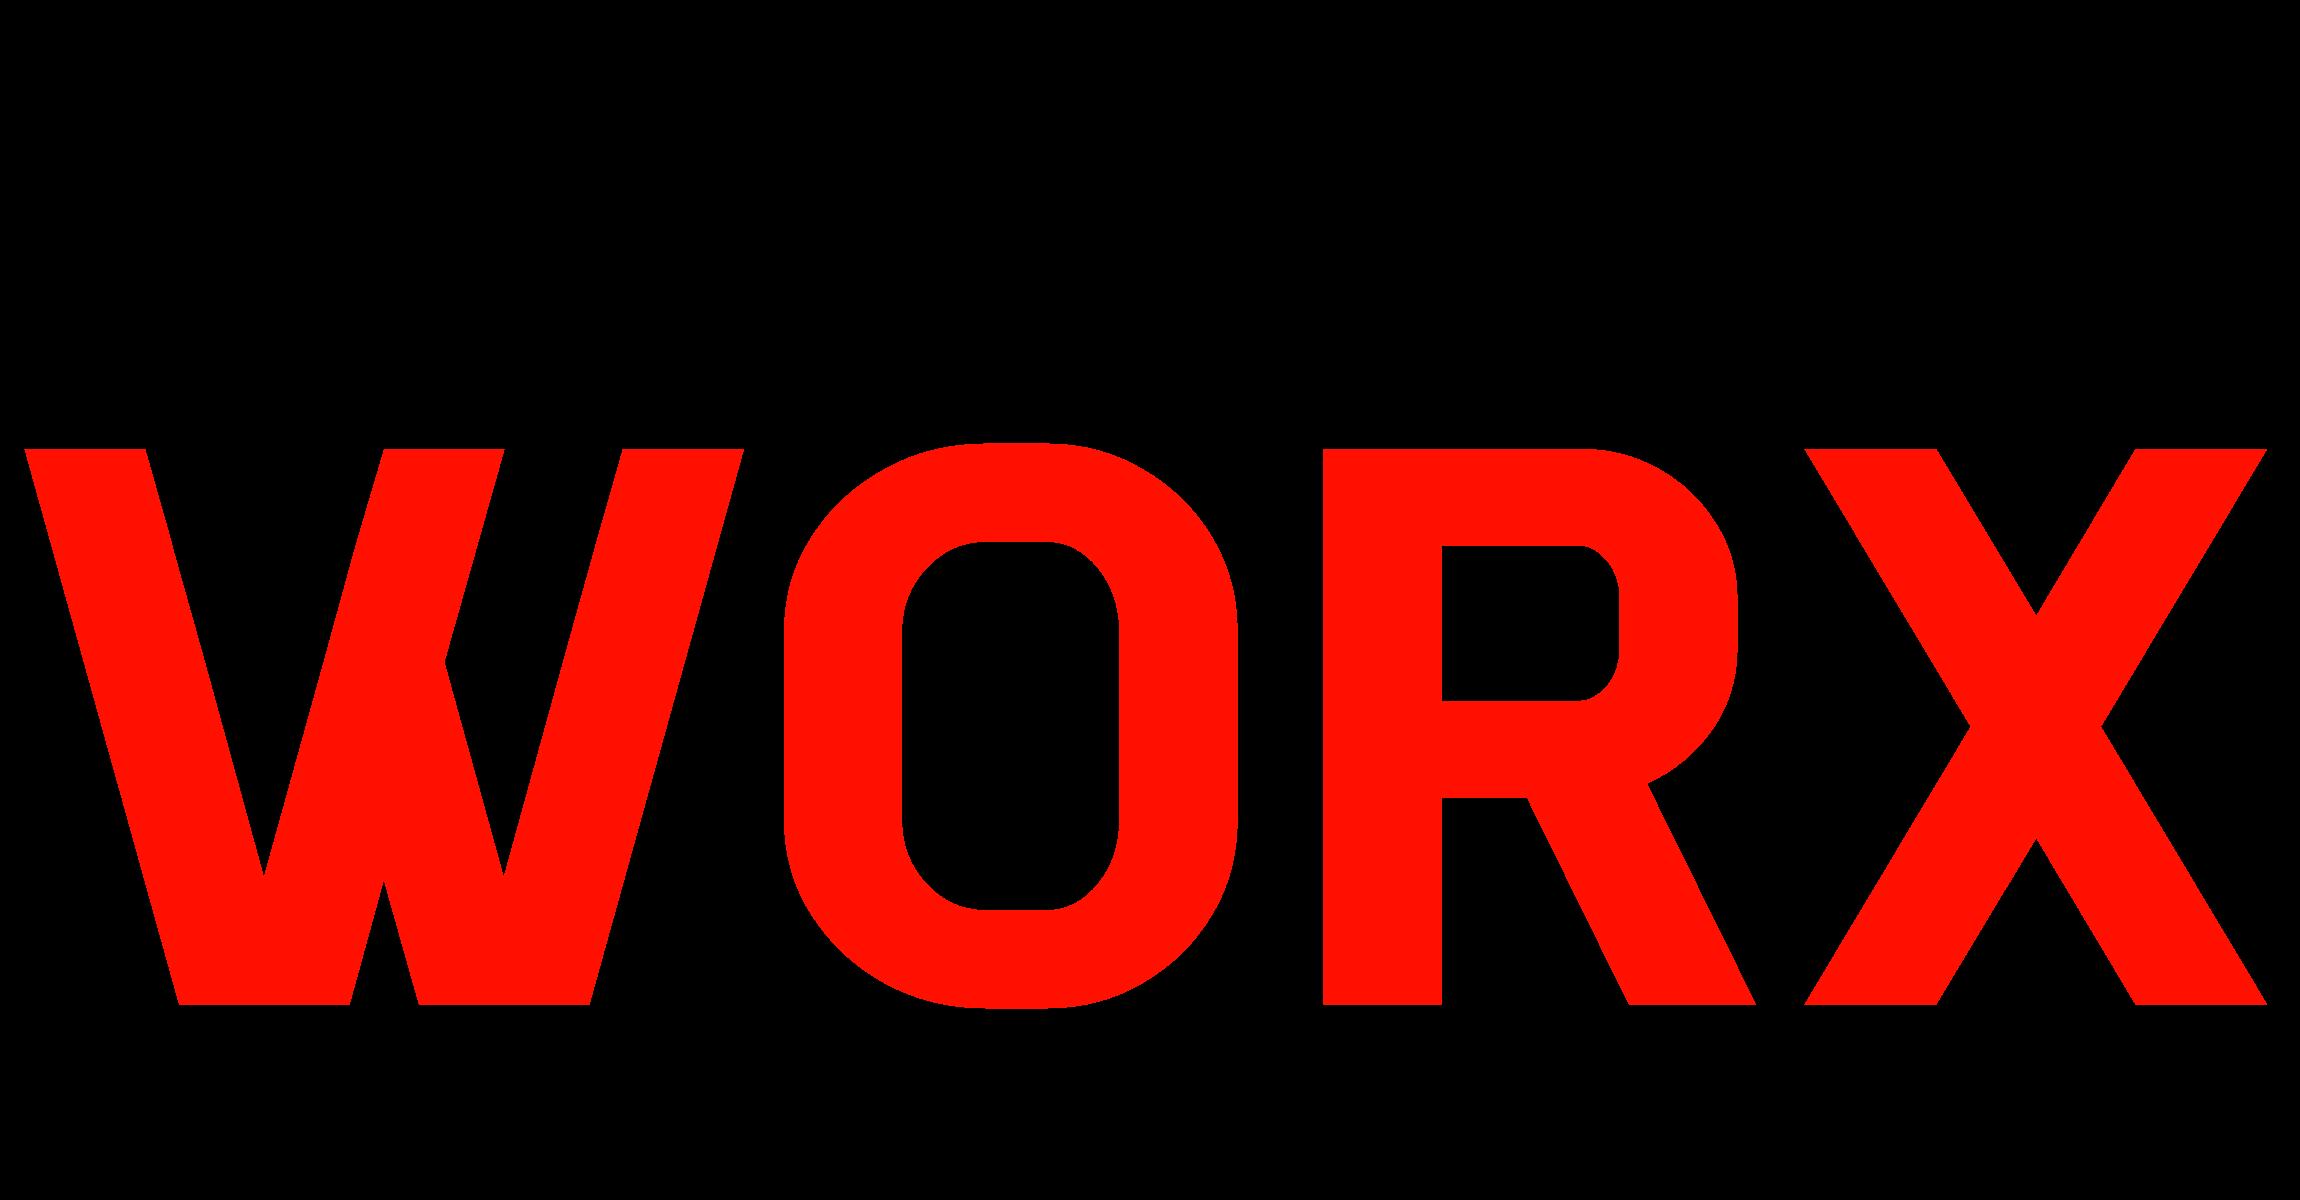 christian weber logo 2-1